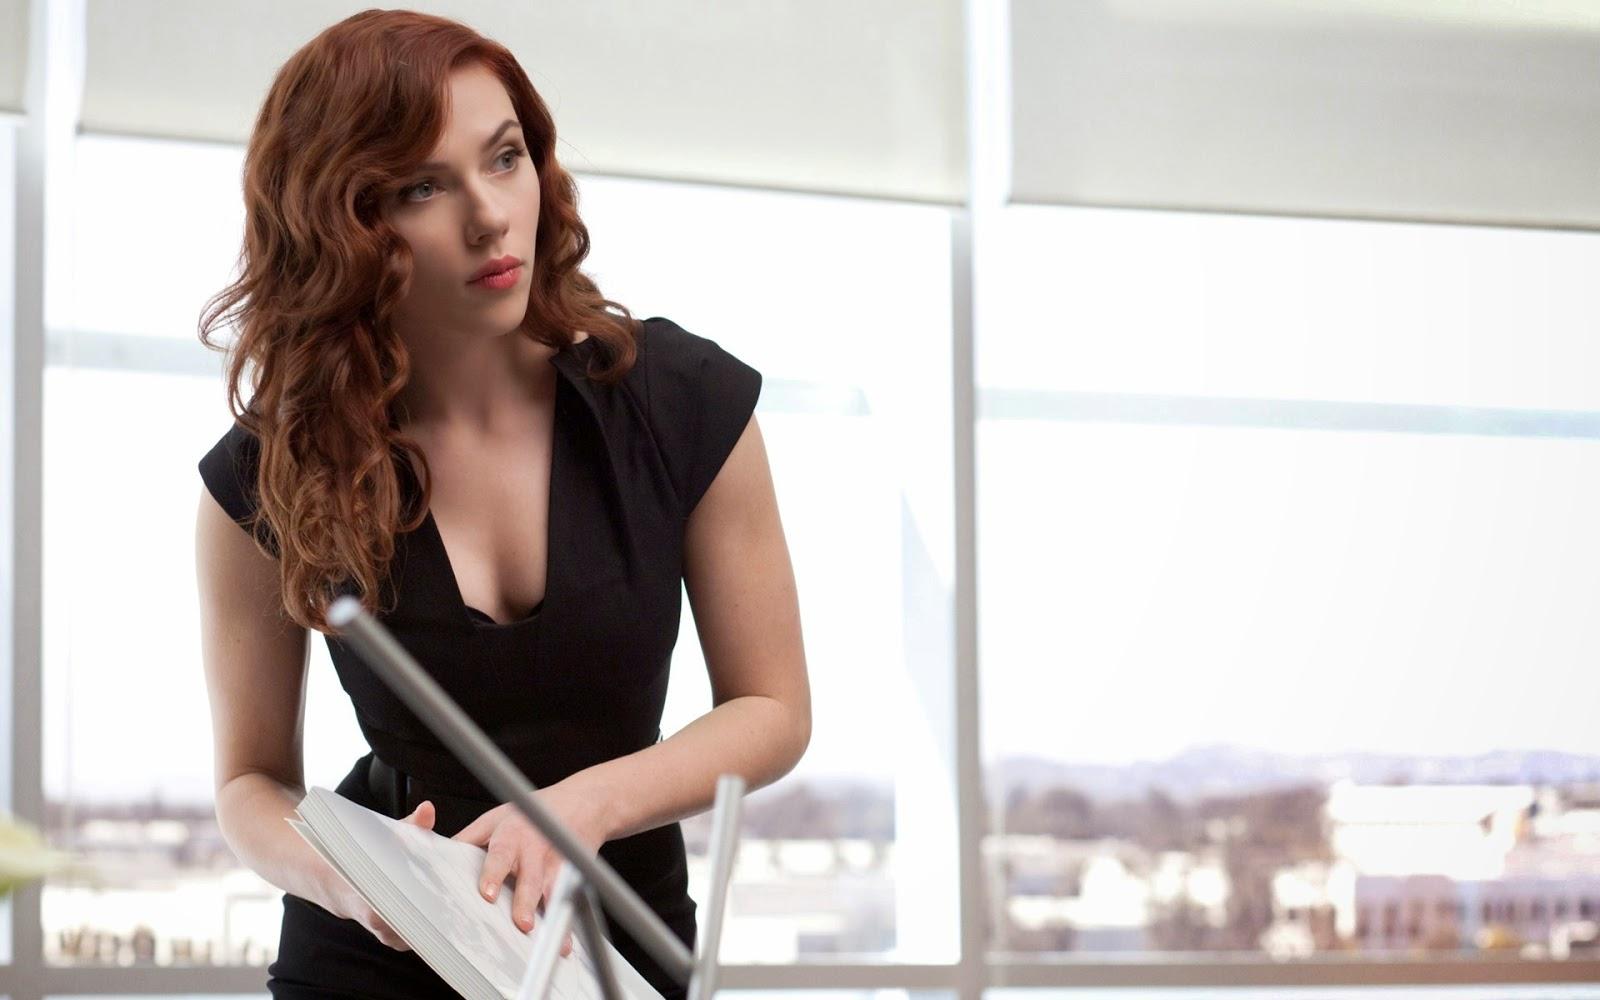 Scarlett Johansson in Iron Man 2 Photo